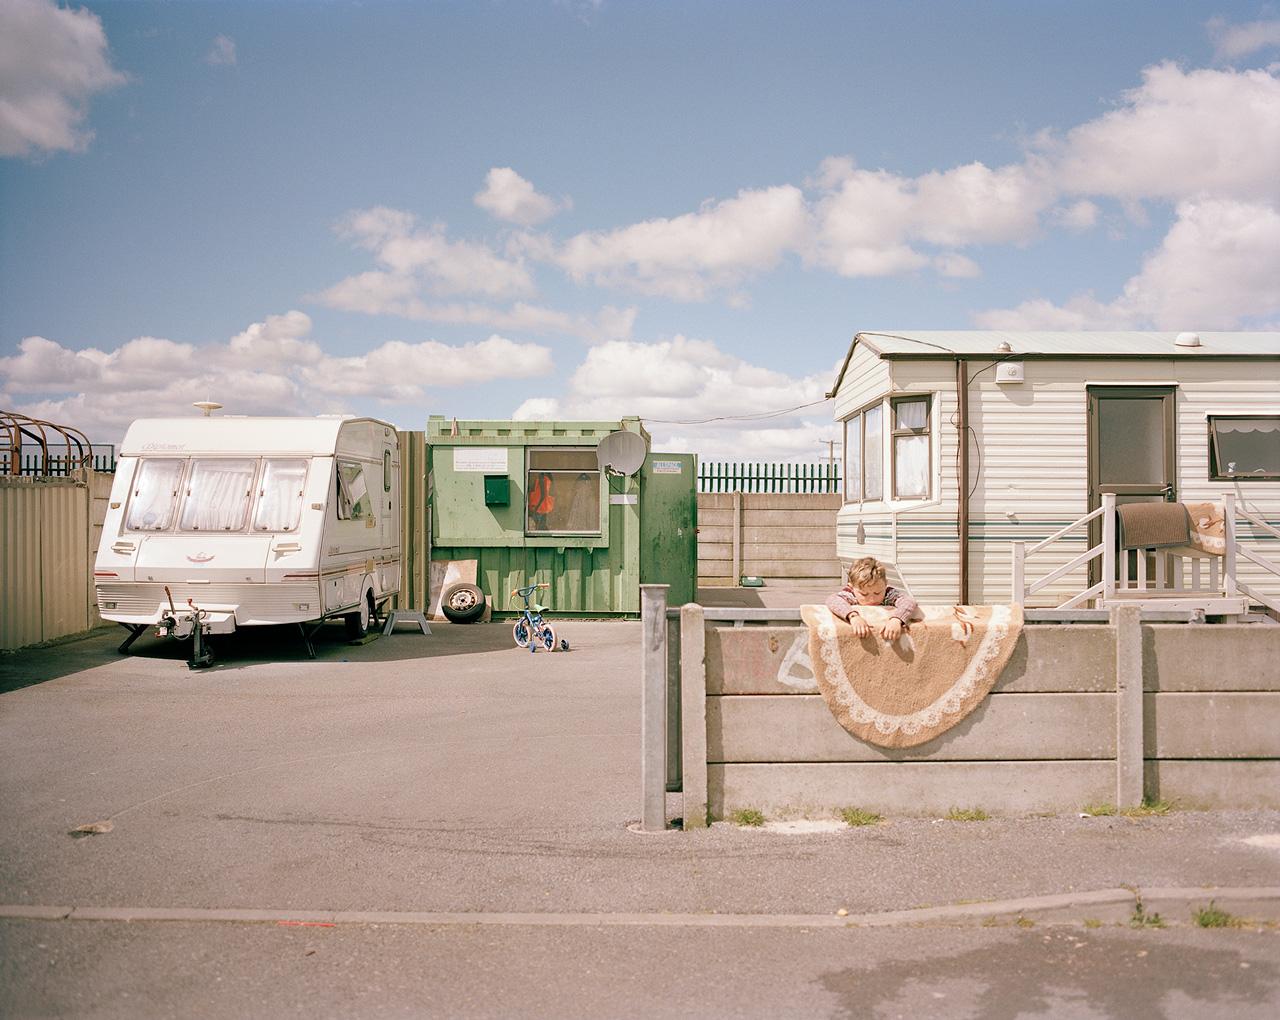 Ausgezeichnete Nachwuchsfotografie zu elementaren Themen der Gesellschaft